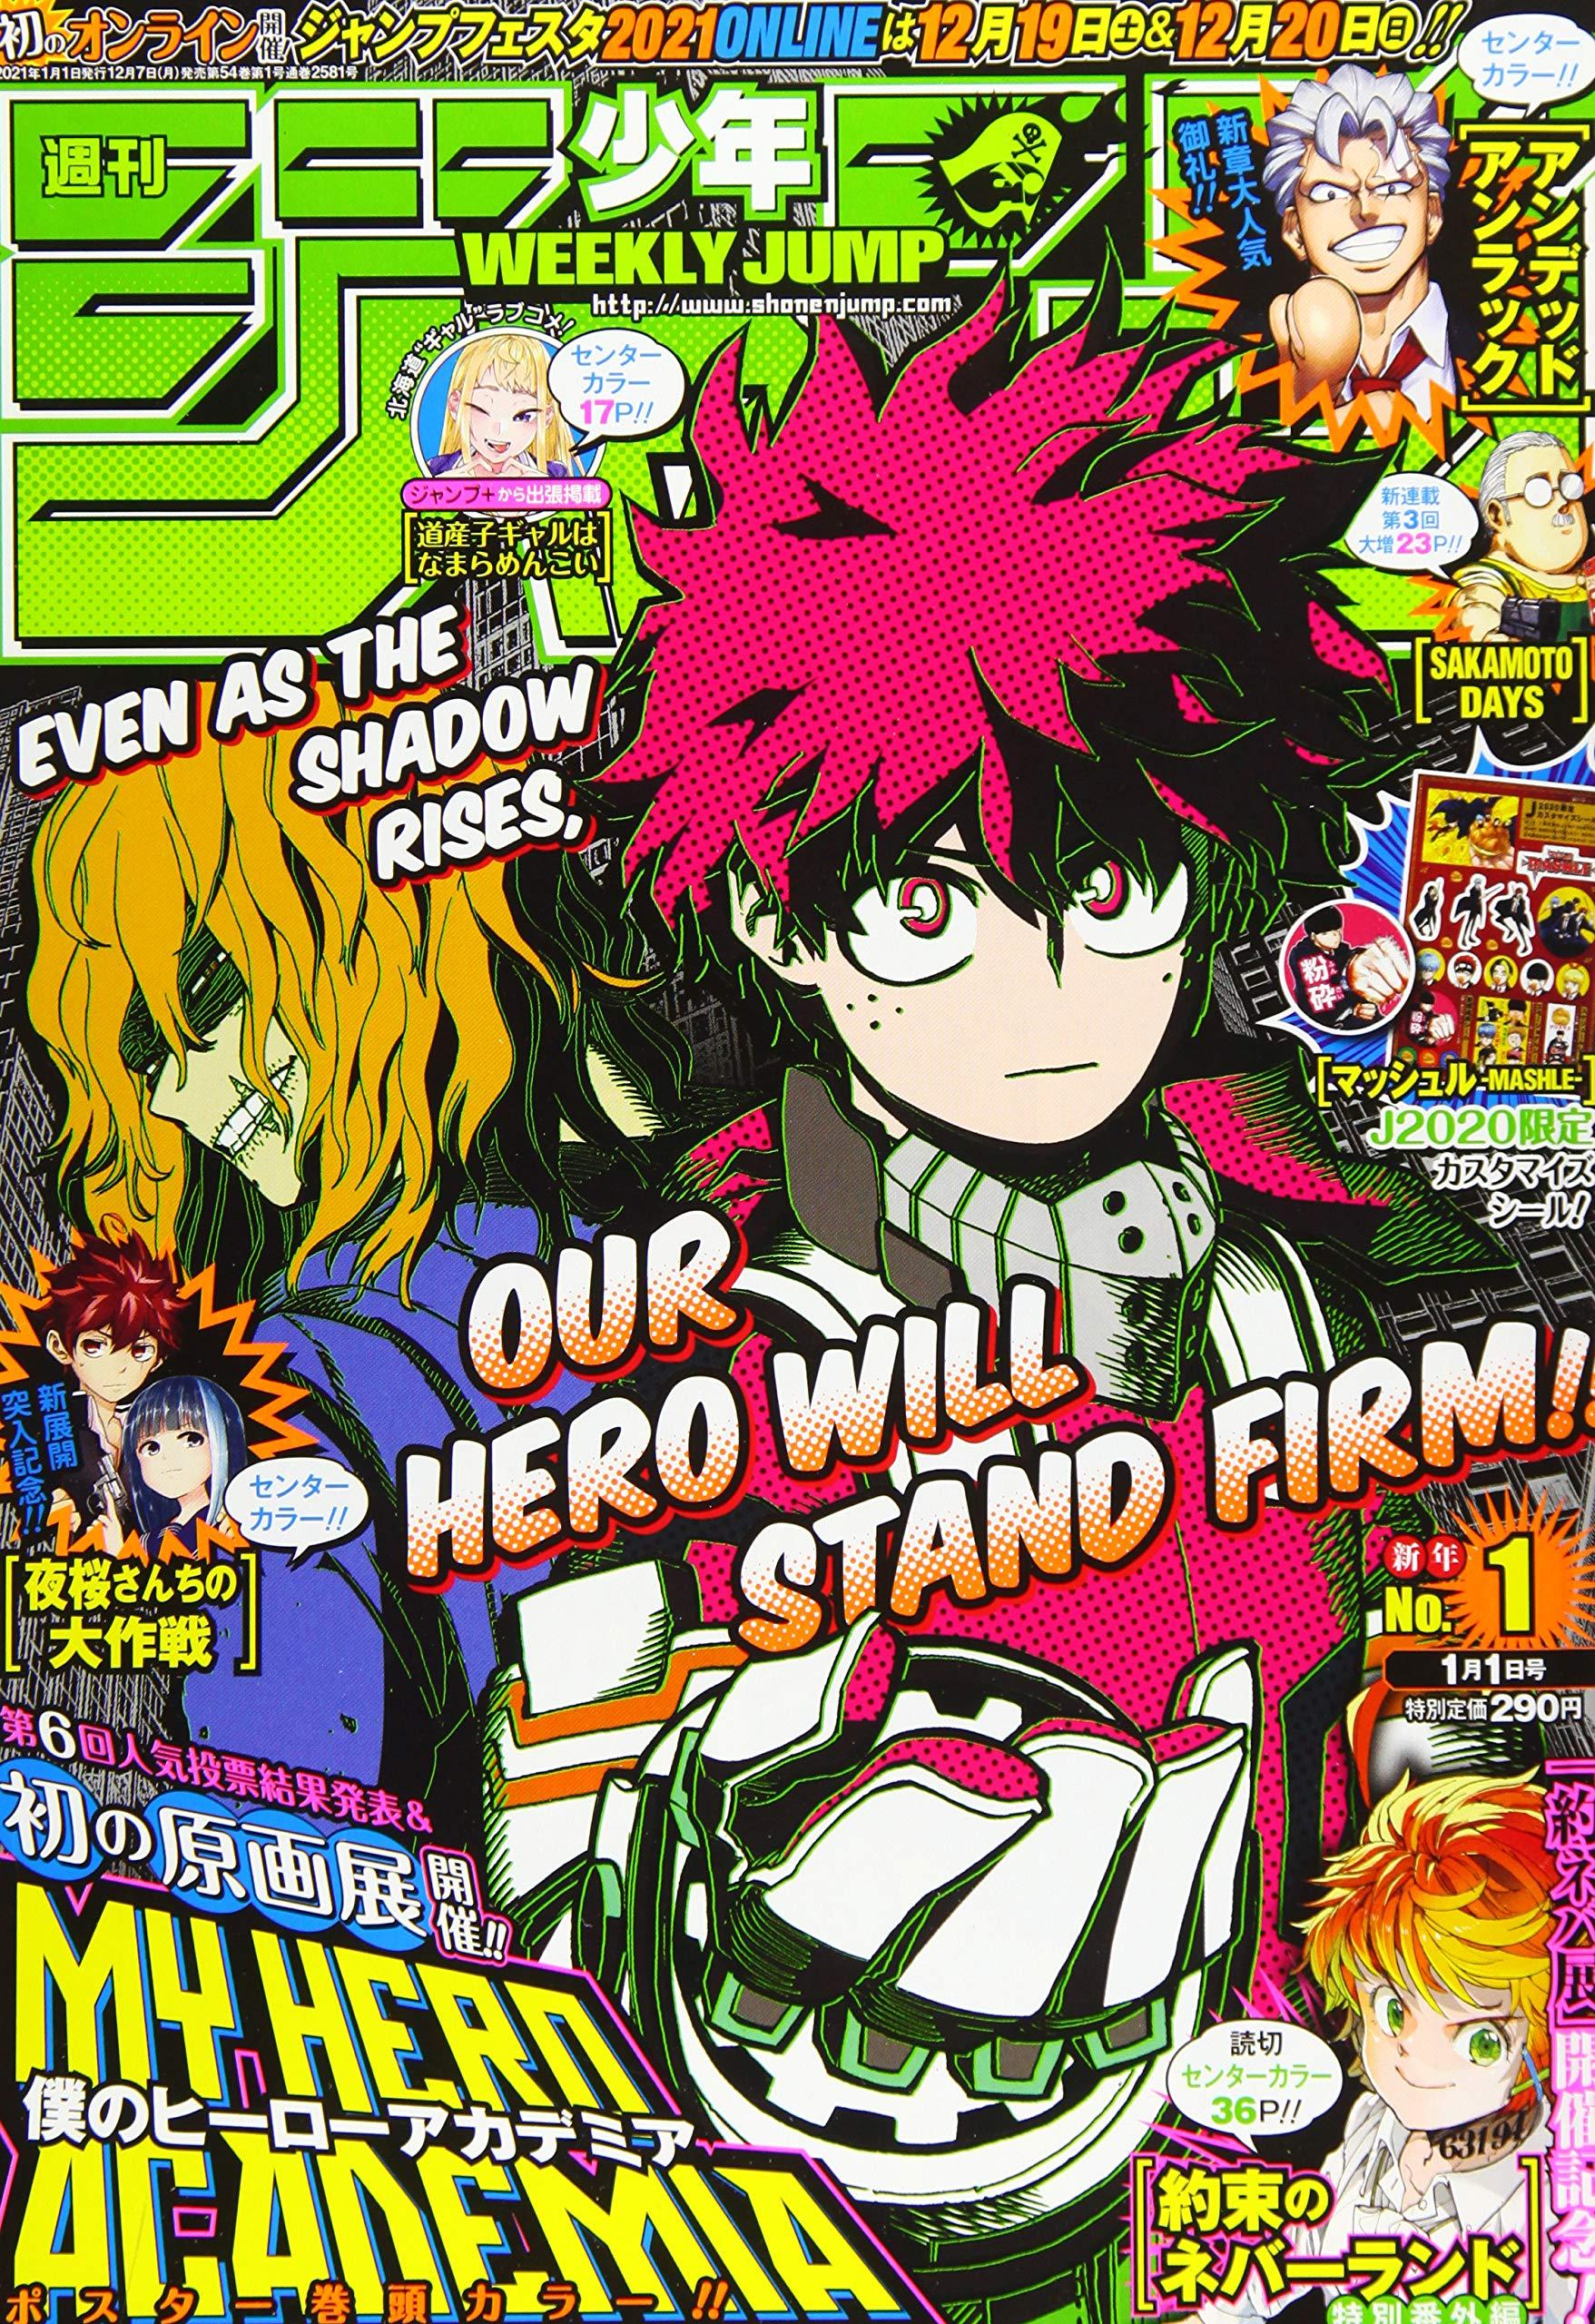 少年ジャンプ2021年新年1号の表紙